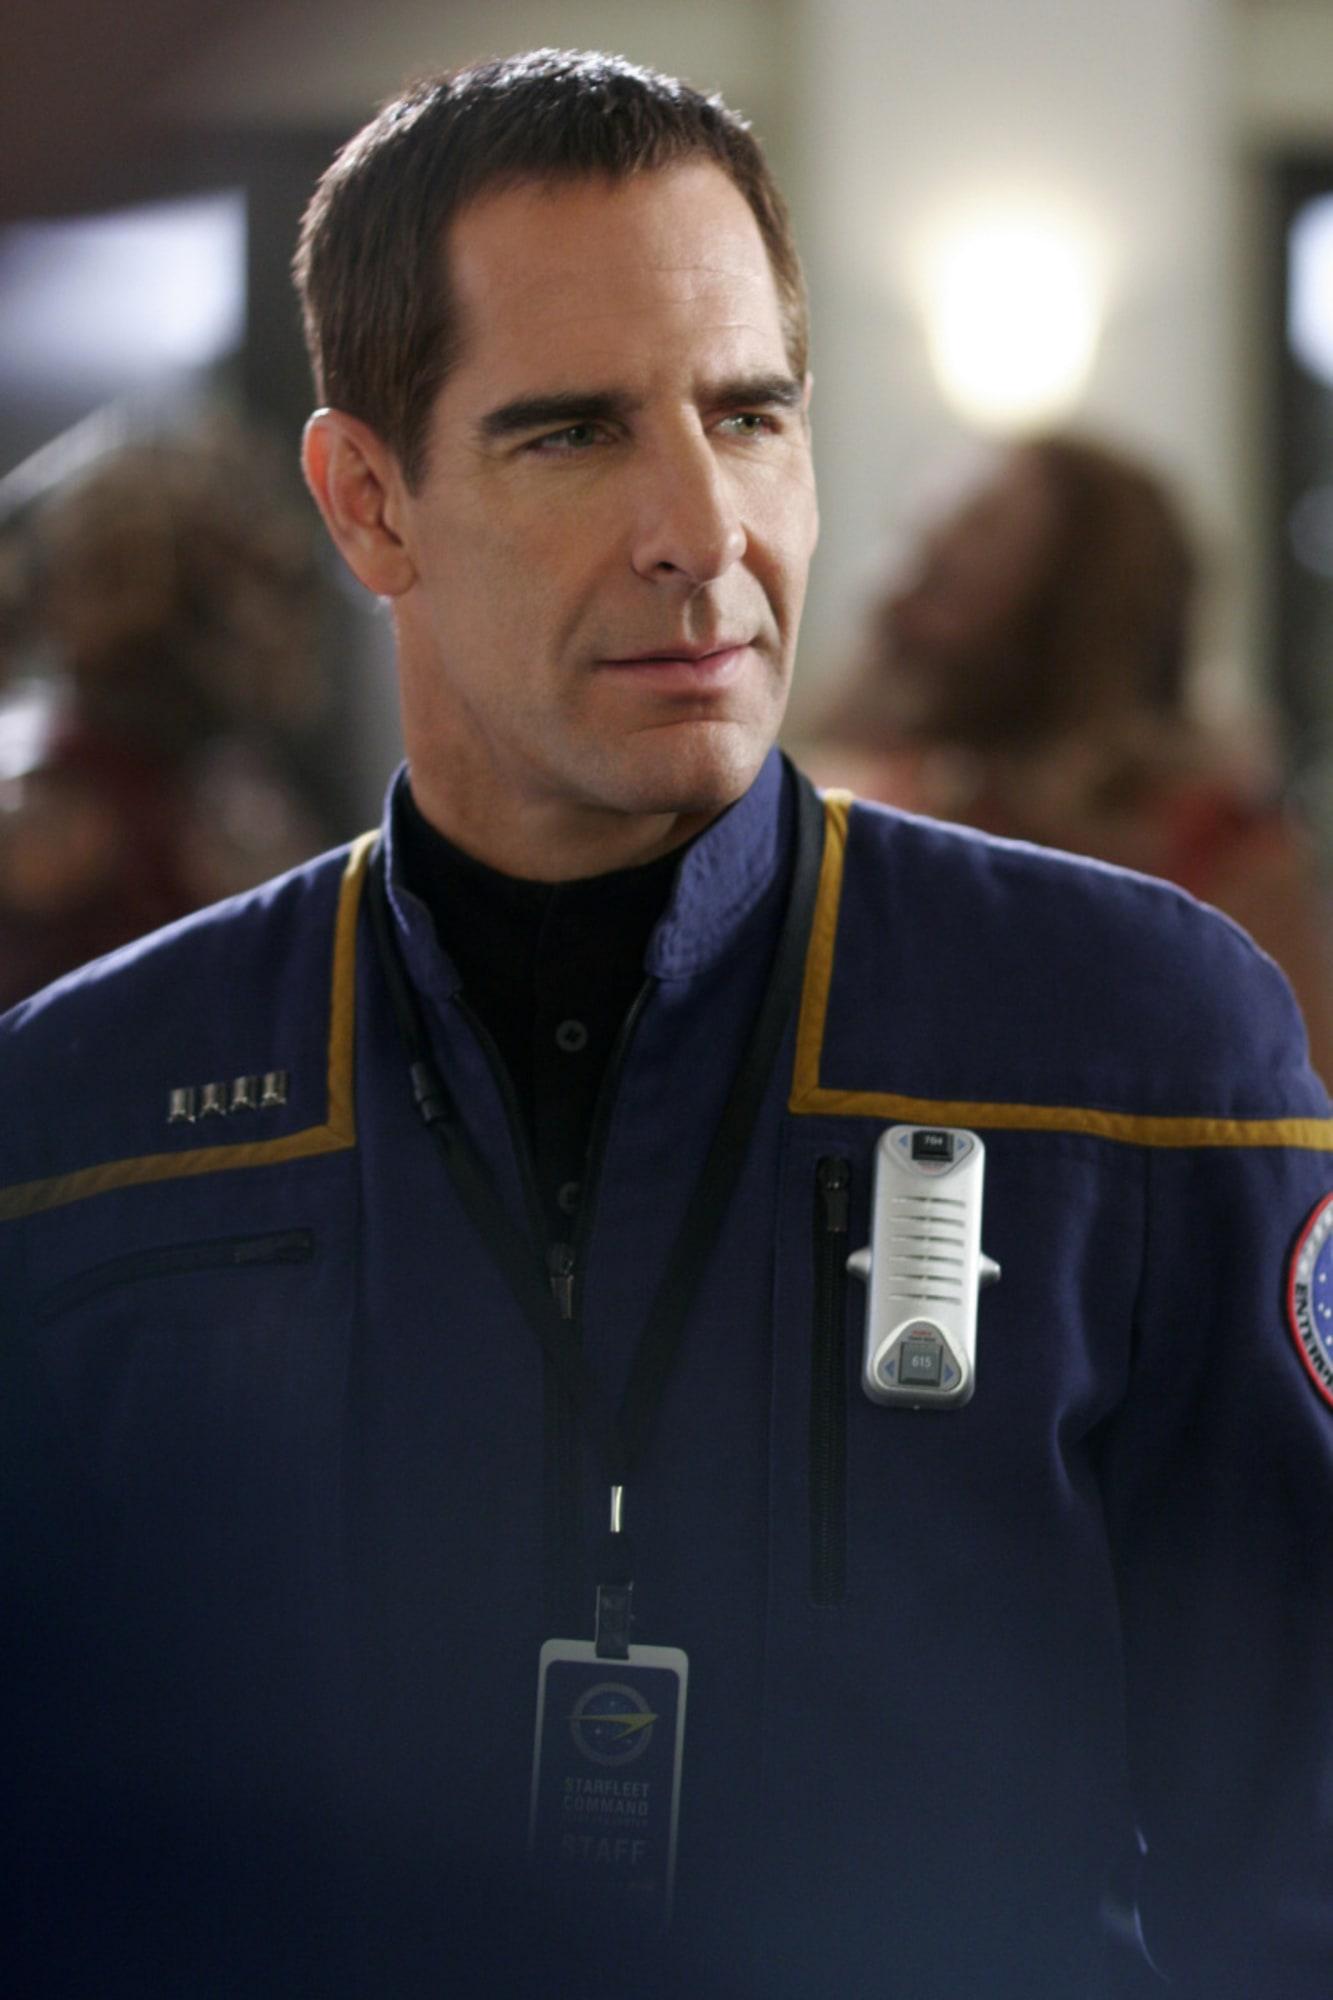 One Enterprise finale had a deranged Captain Archer